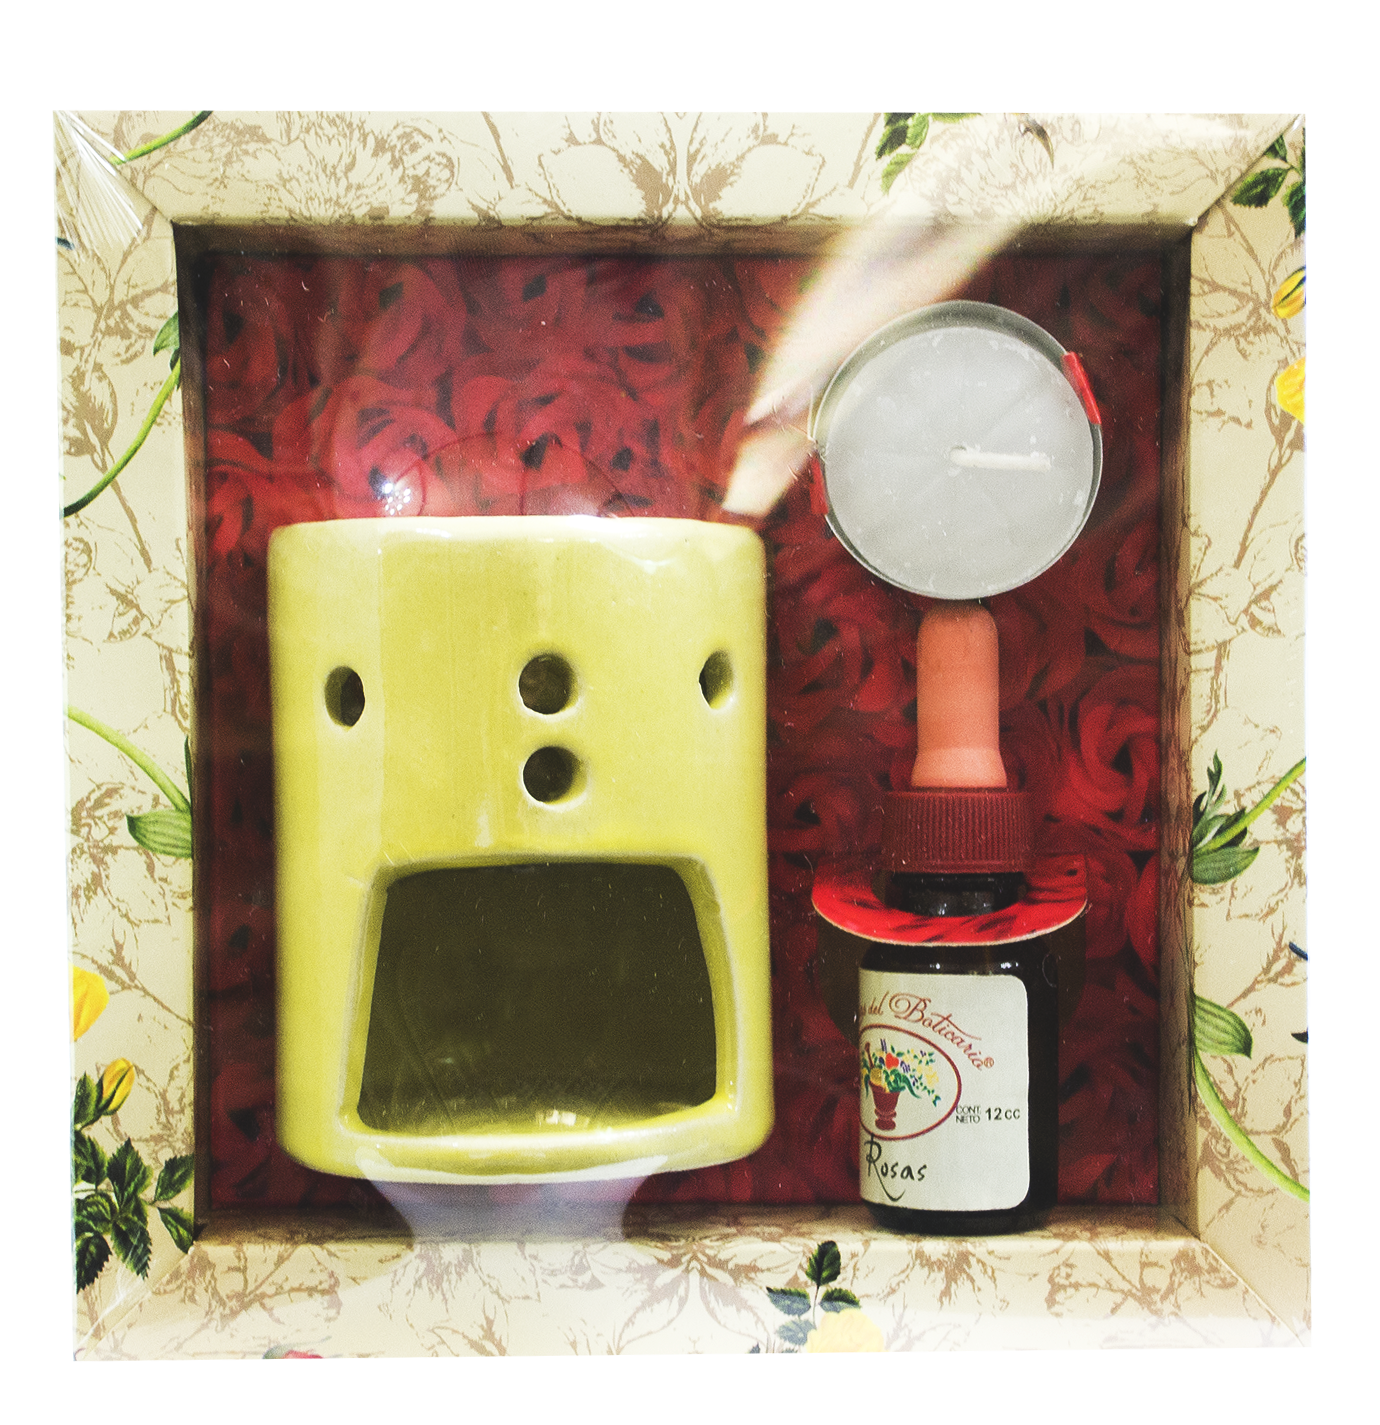 Set de Aromaterapia con Hornillo, Vela y Aceite Esencial